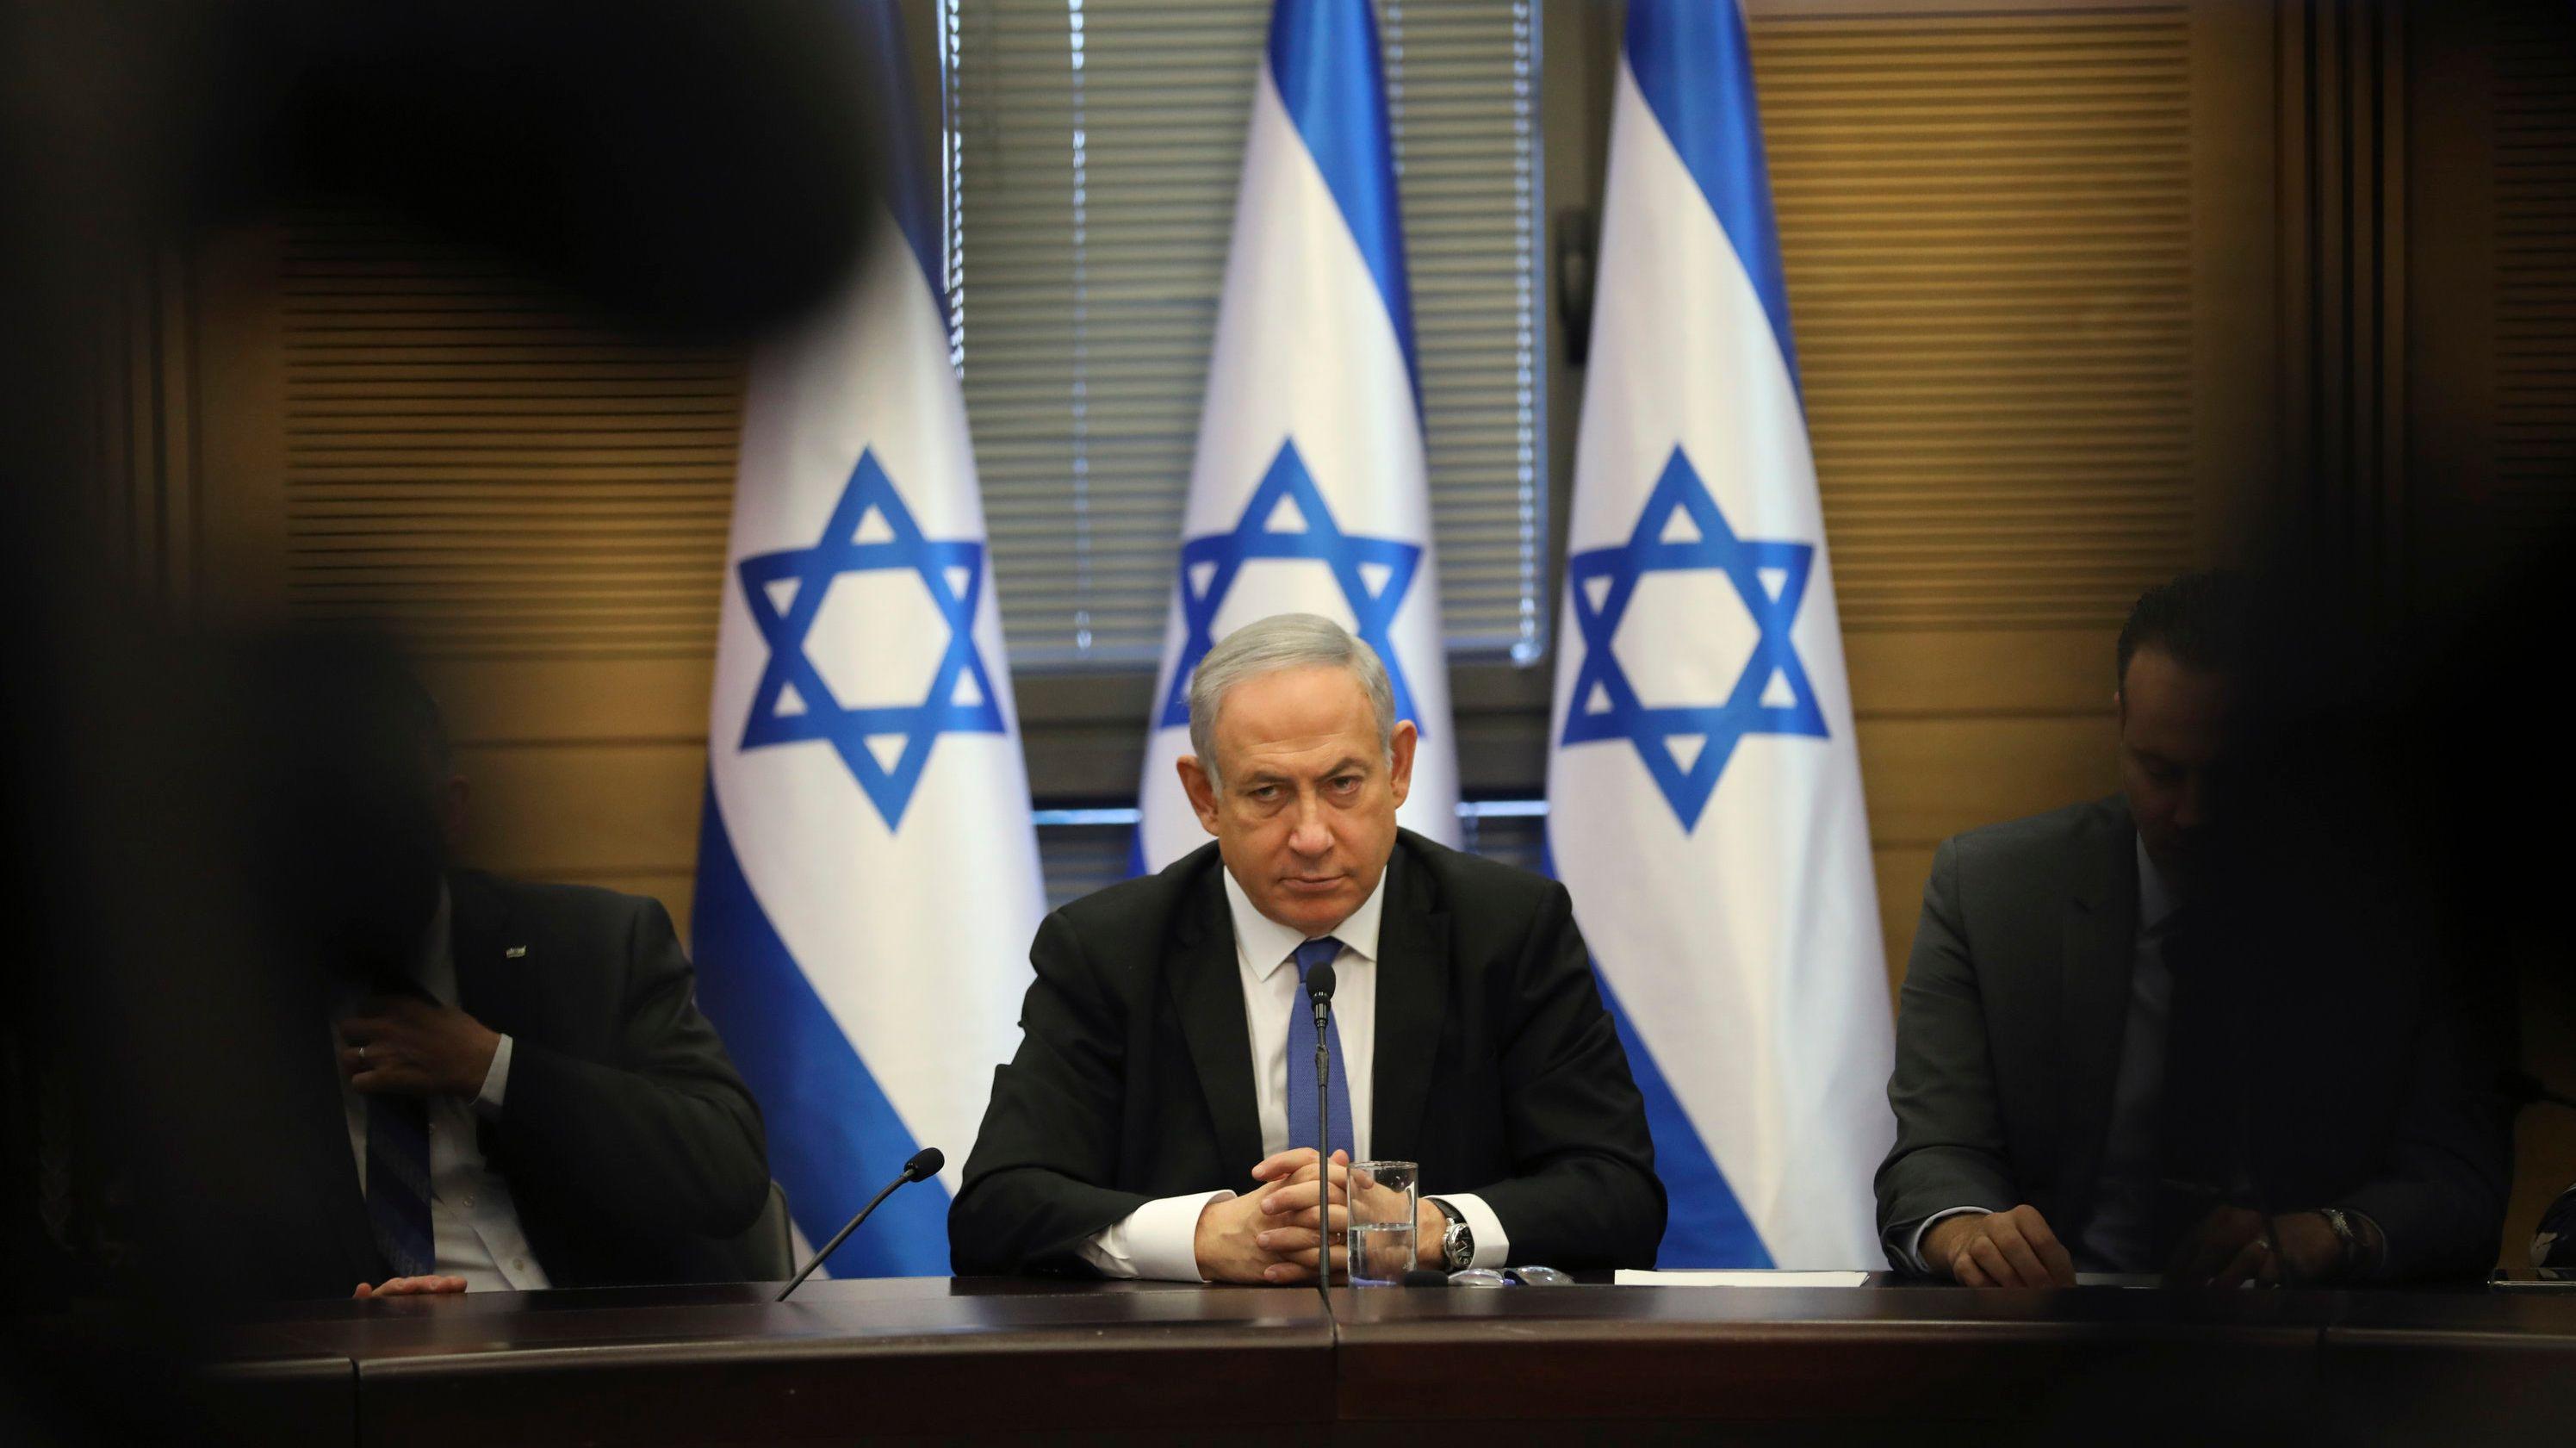 Korruptions-Anklage: Netanjahu kämpft ums politische Überleben